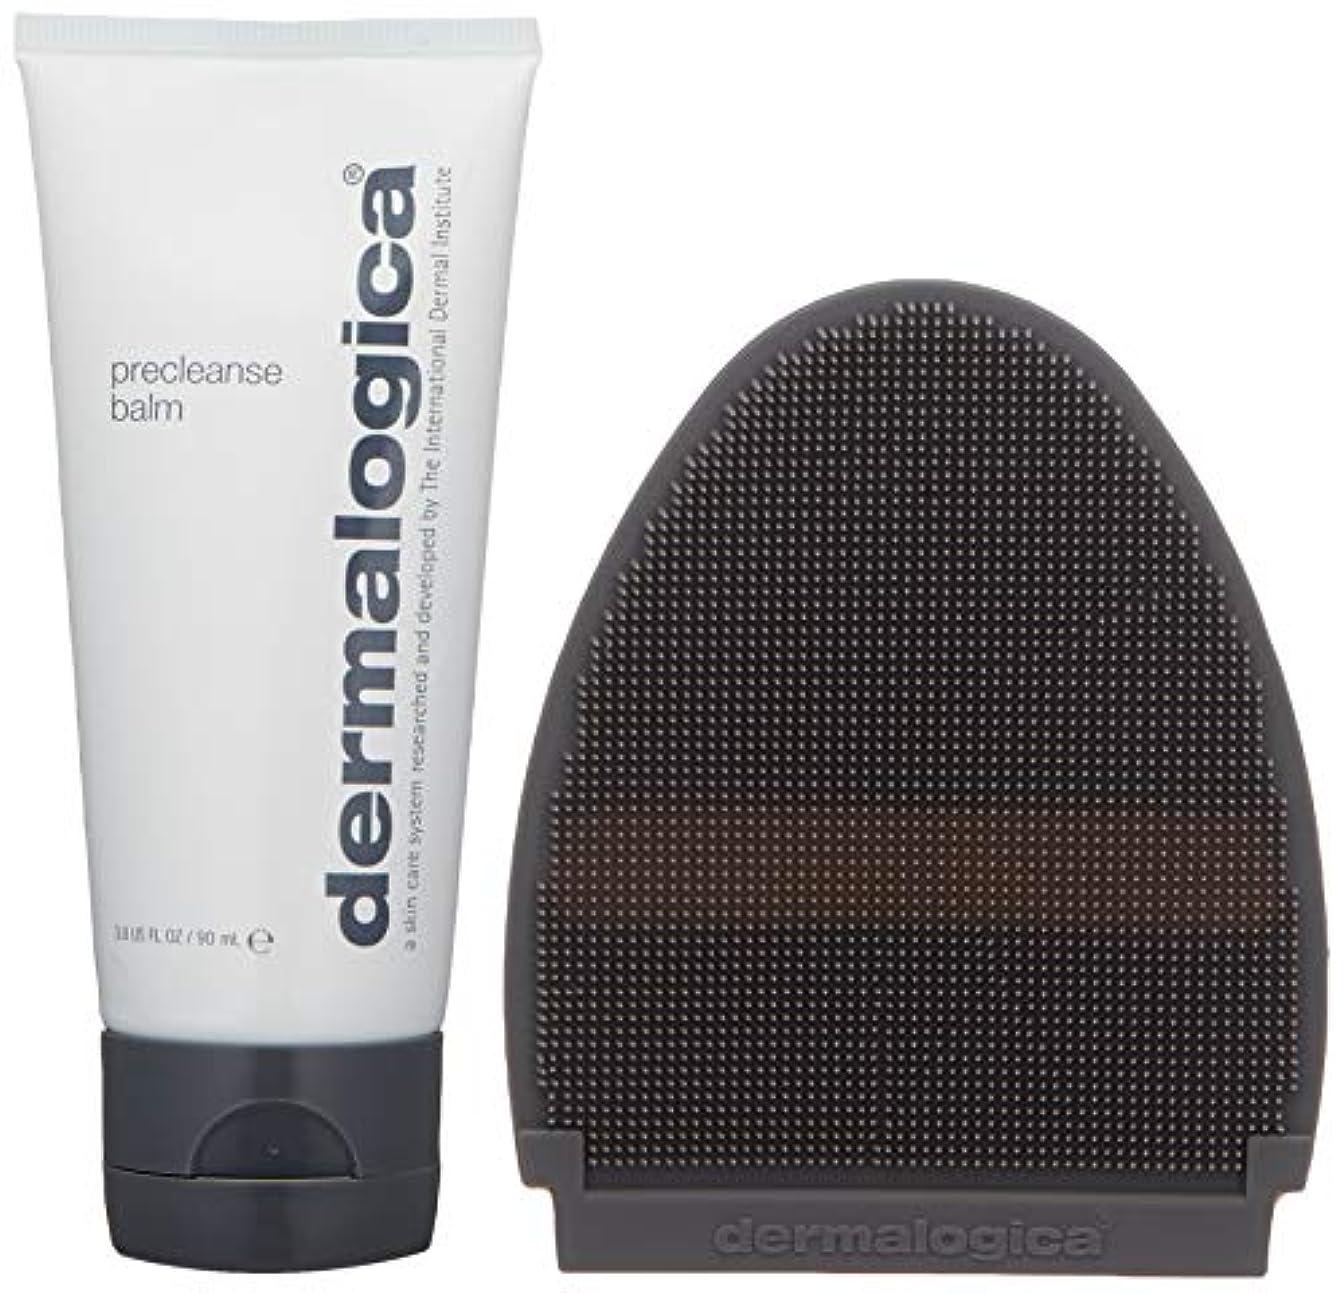 引用カリング悪性ダーマロジカ Precleanse Balm (with Cleansing Mitt) - For Normal to Dry Skin 90ml/3oz並行輸入品